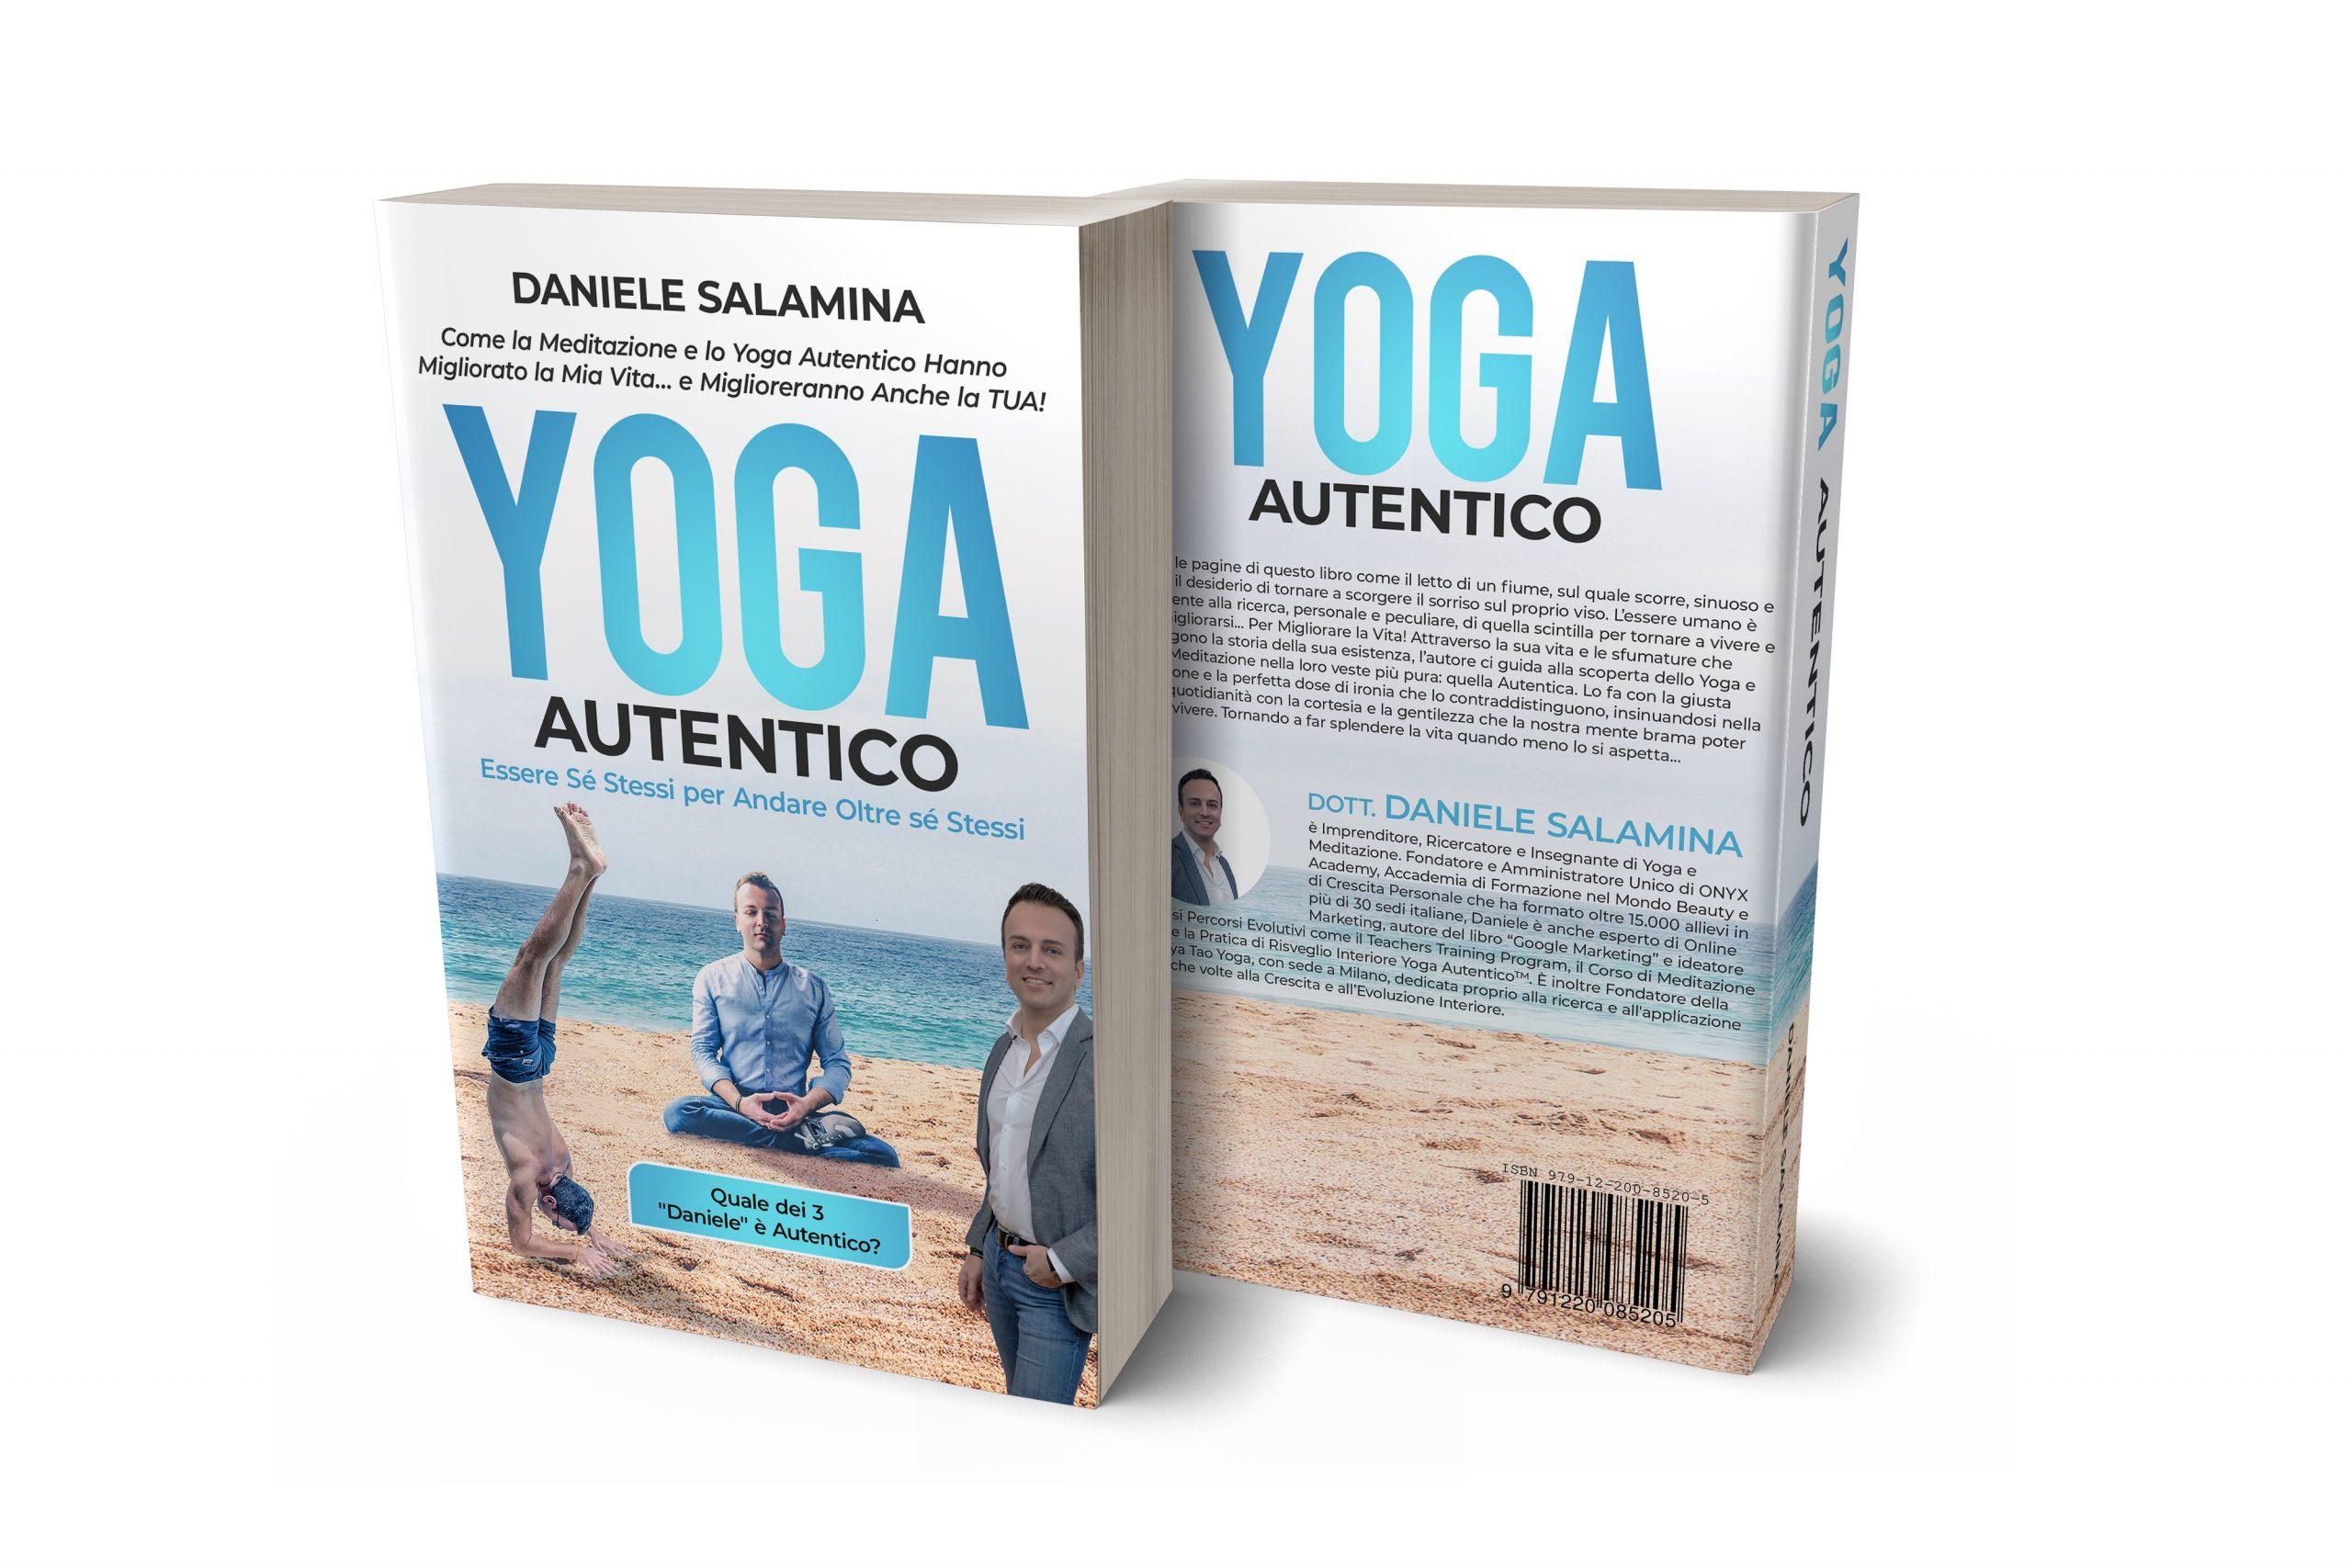 libro yoga autentico